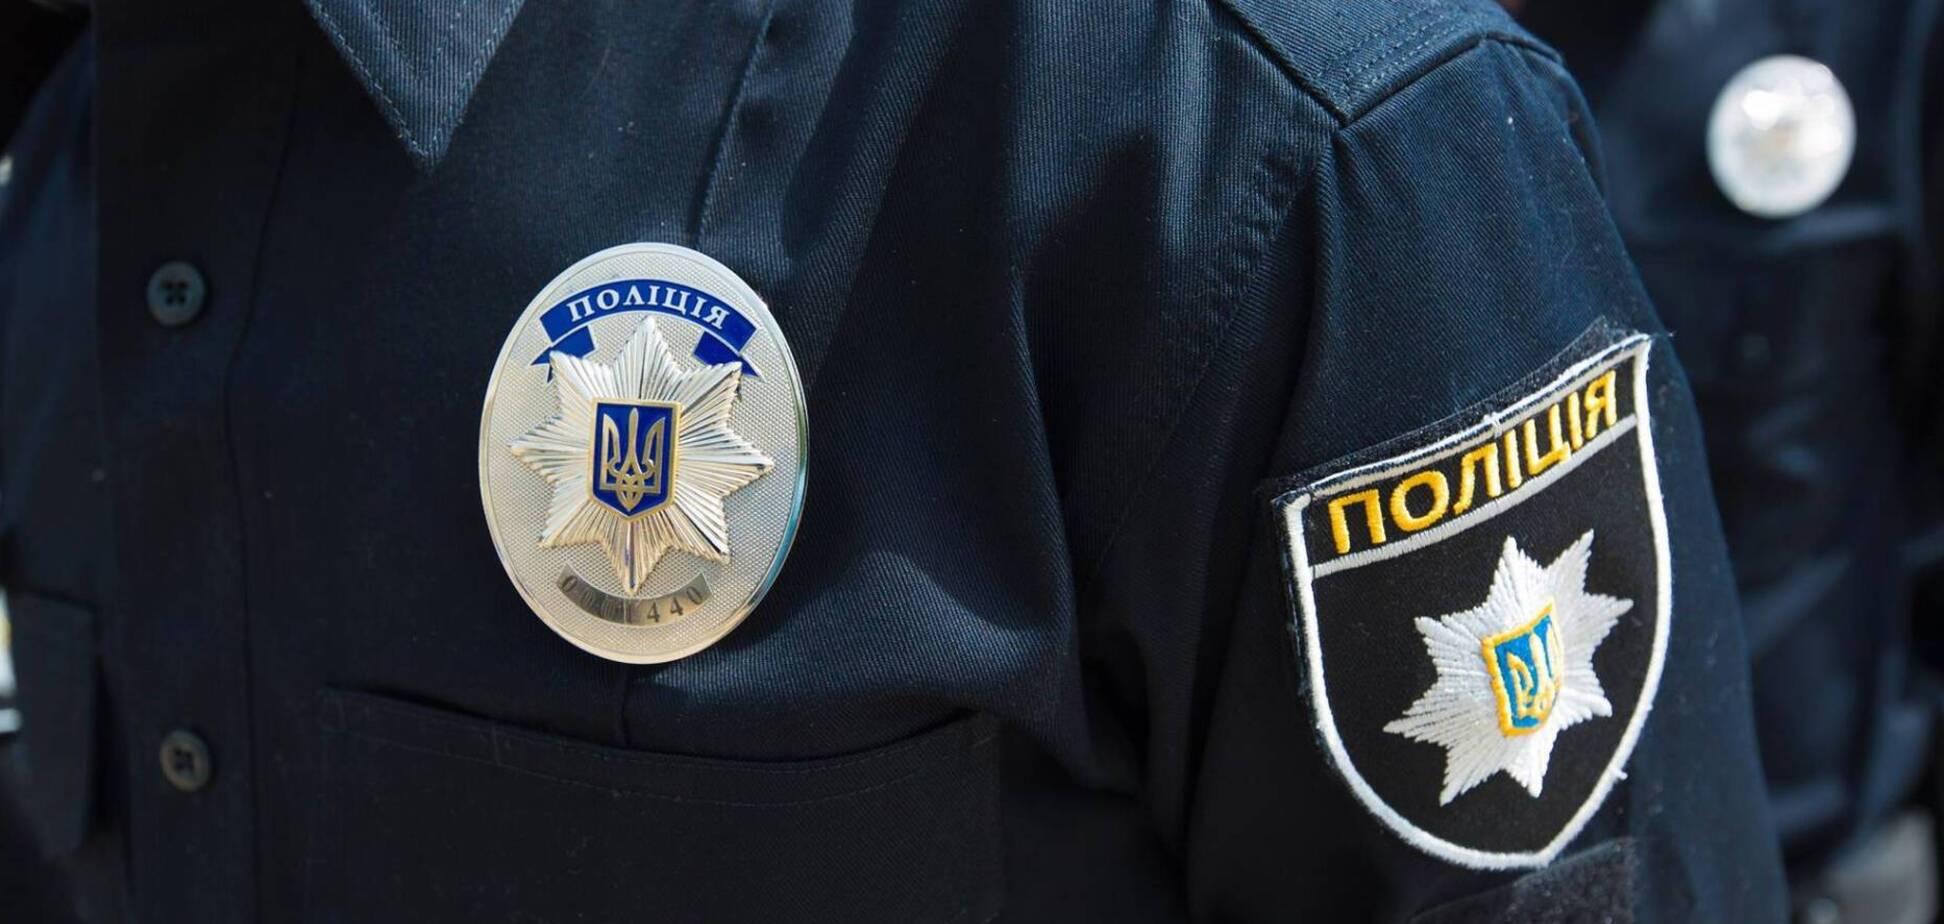 У Києві спіймали на гарячому адвоката, який готував 500 тисяч хабаря судді. Ілюстрація